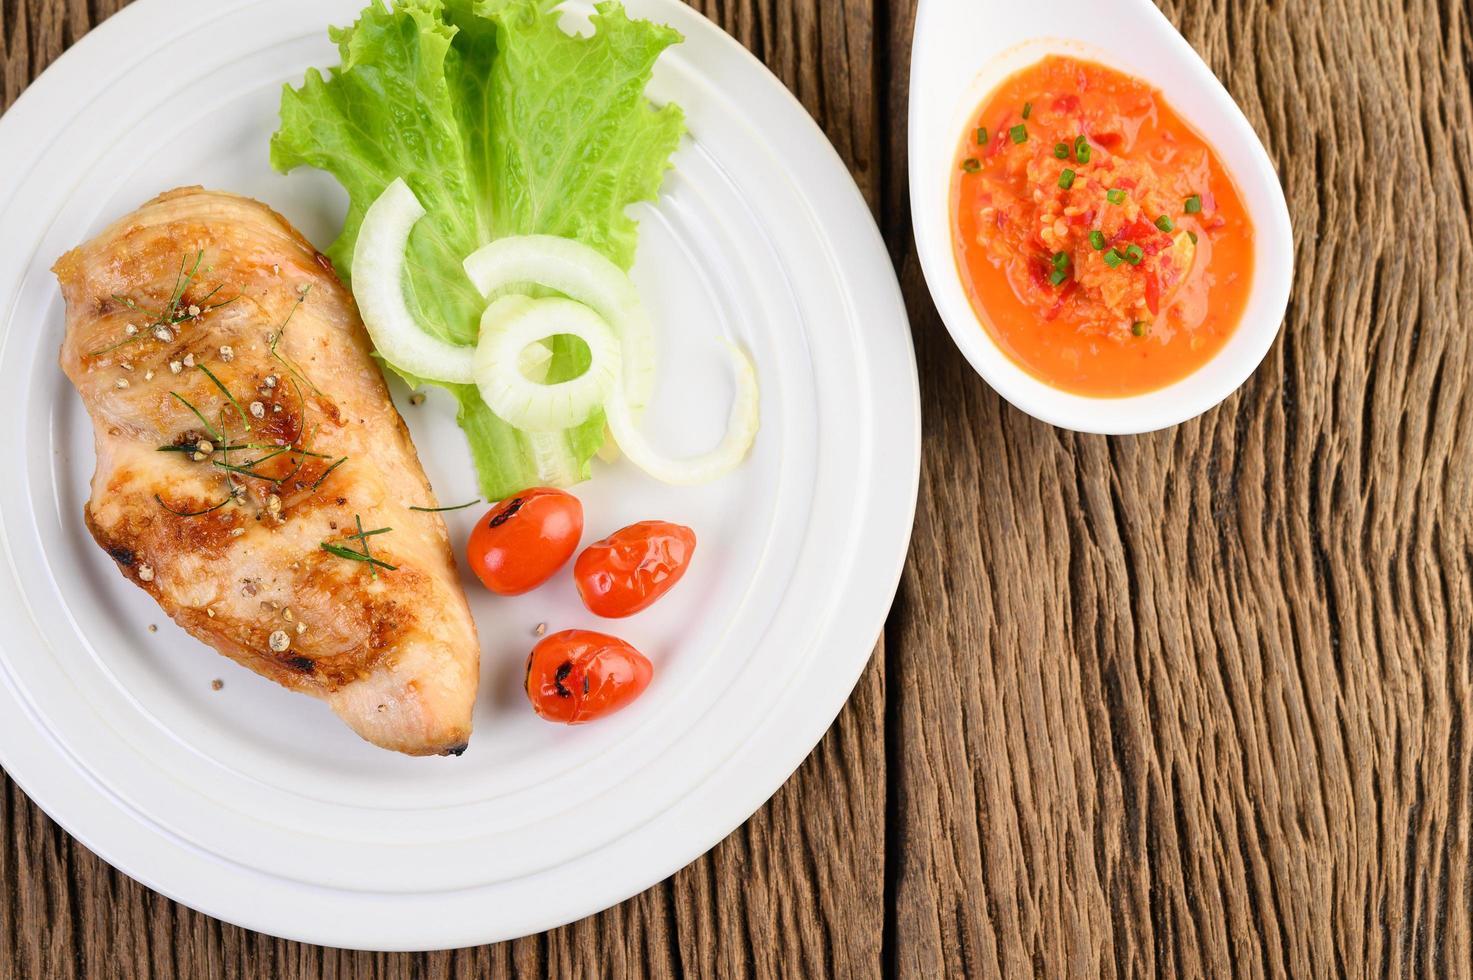 grillad kyckling på ett träbord med tomater, sallad, lök och chilisås foto